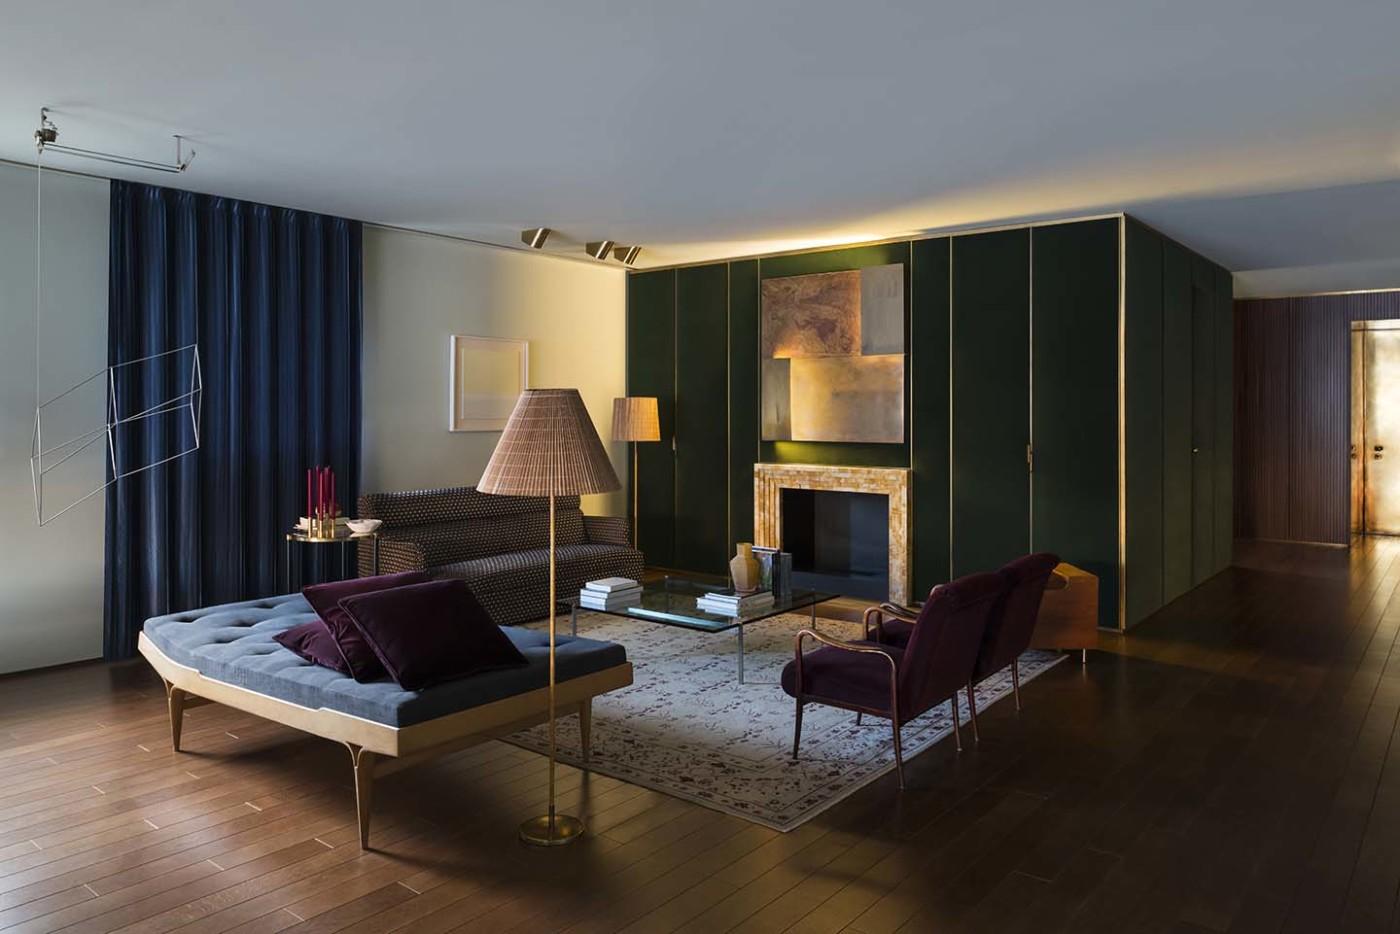 DIMORESTUDIO_LUGANO APARTMENT_Photo by Paola Pansini - milan design week 2018 - top interior designers in italy - best interior designers in milan - luxury furniture - milan design week 2018